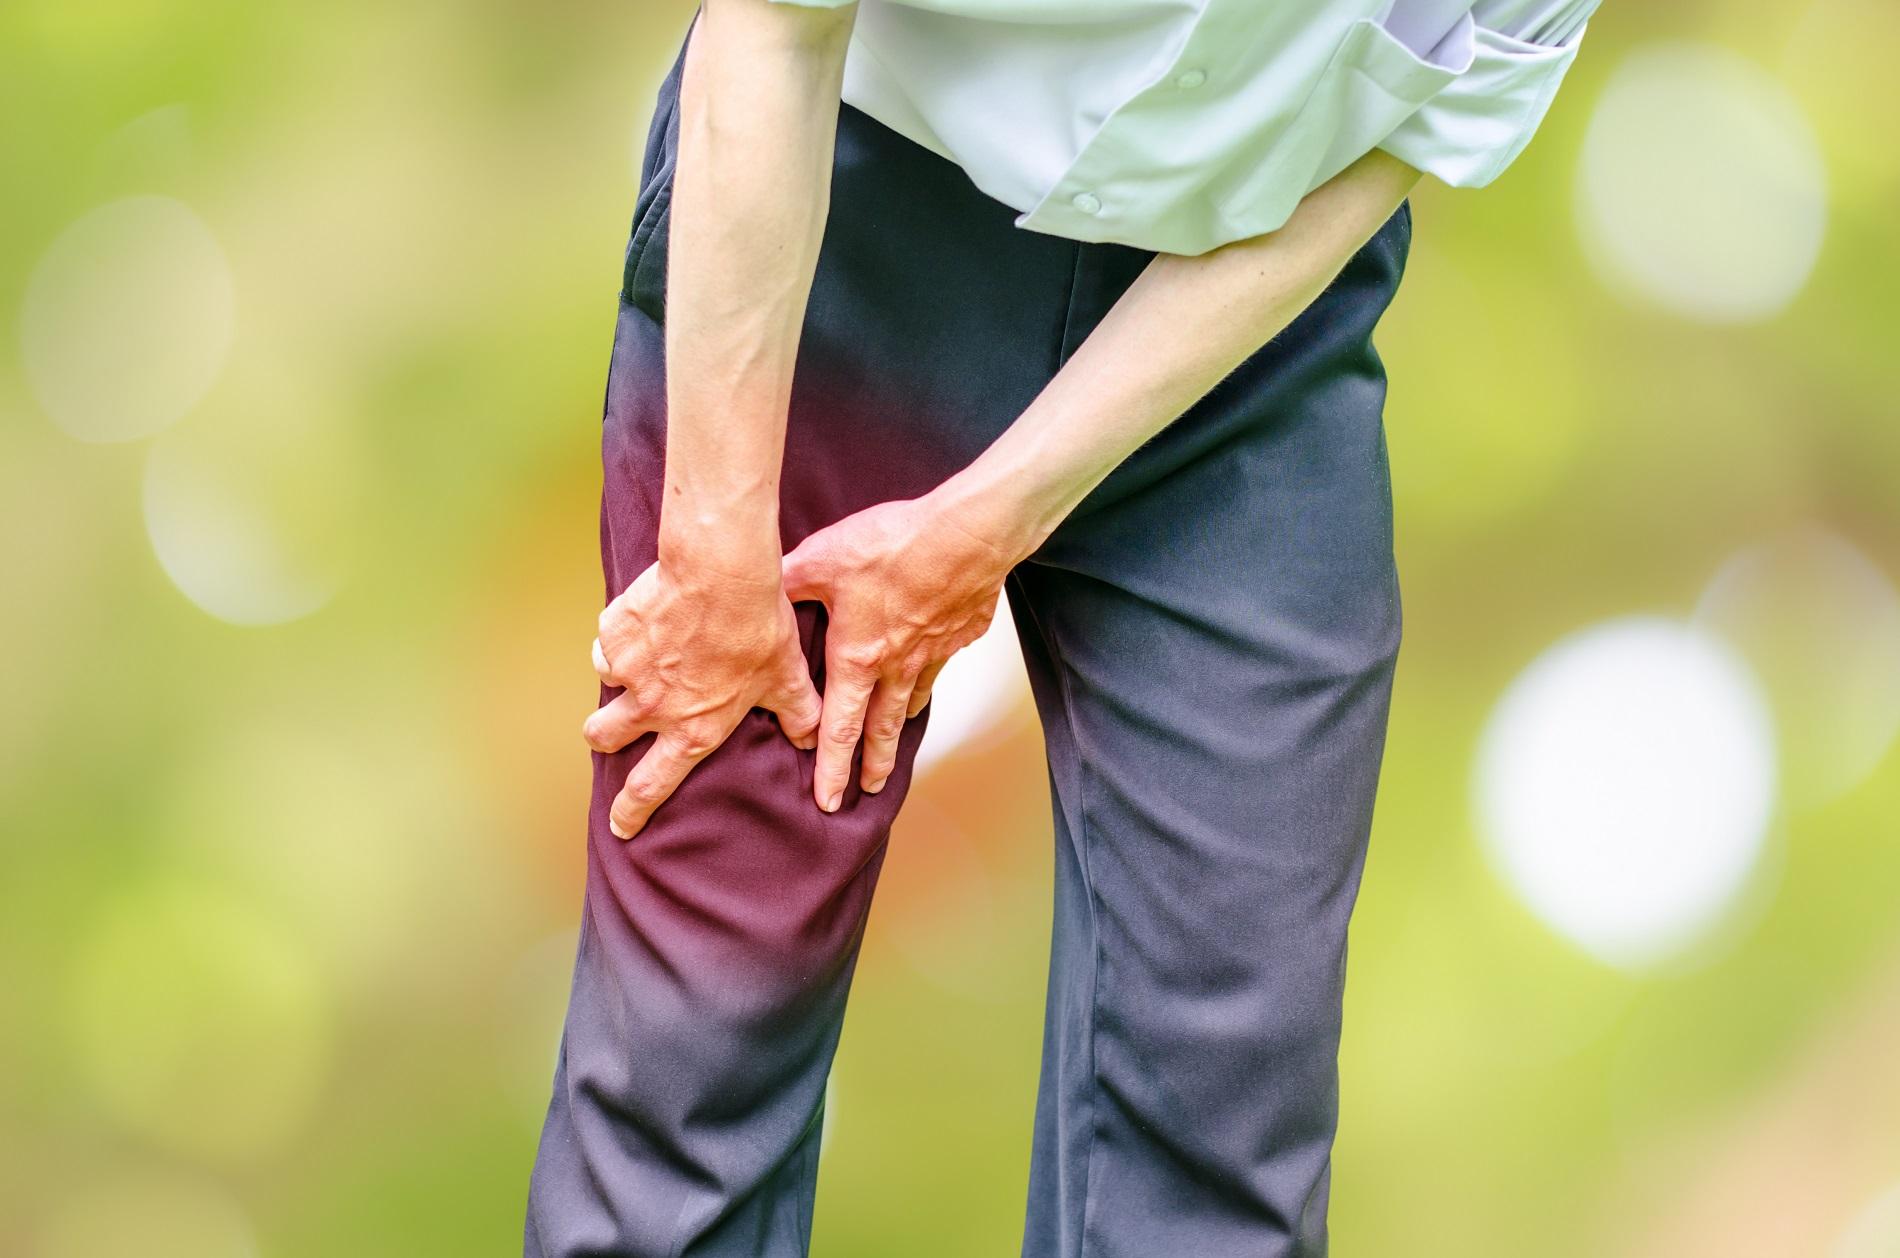 térdfájdalom-kezelési kezelés a könyök ízületei fájnak a push-up